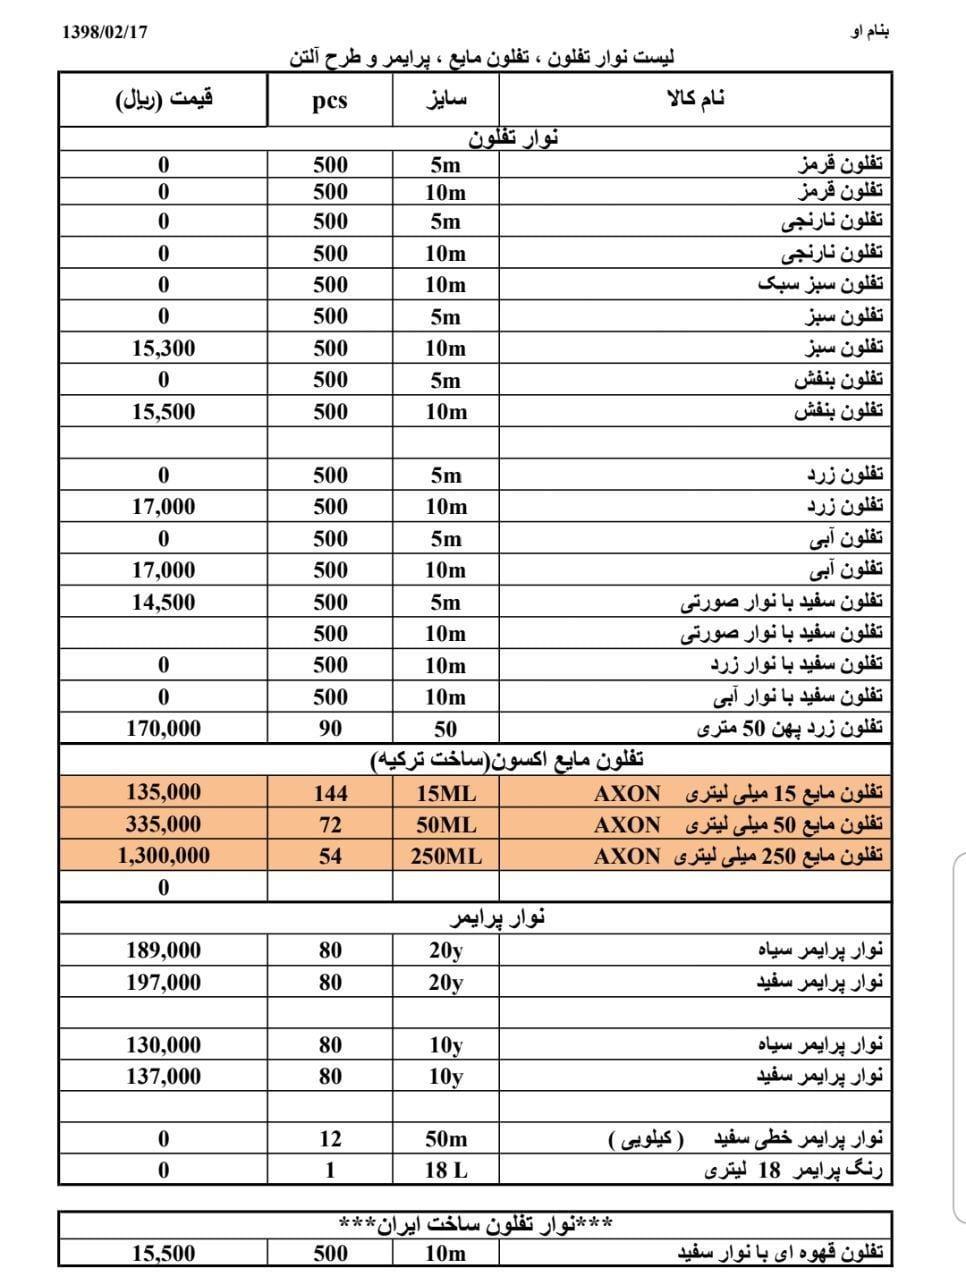 لیست قیمت نوار تفلون و پرایمر